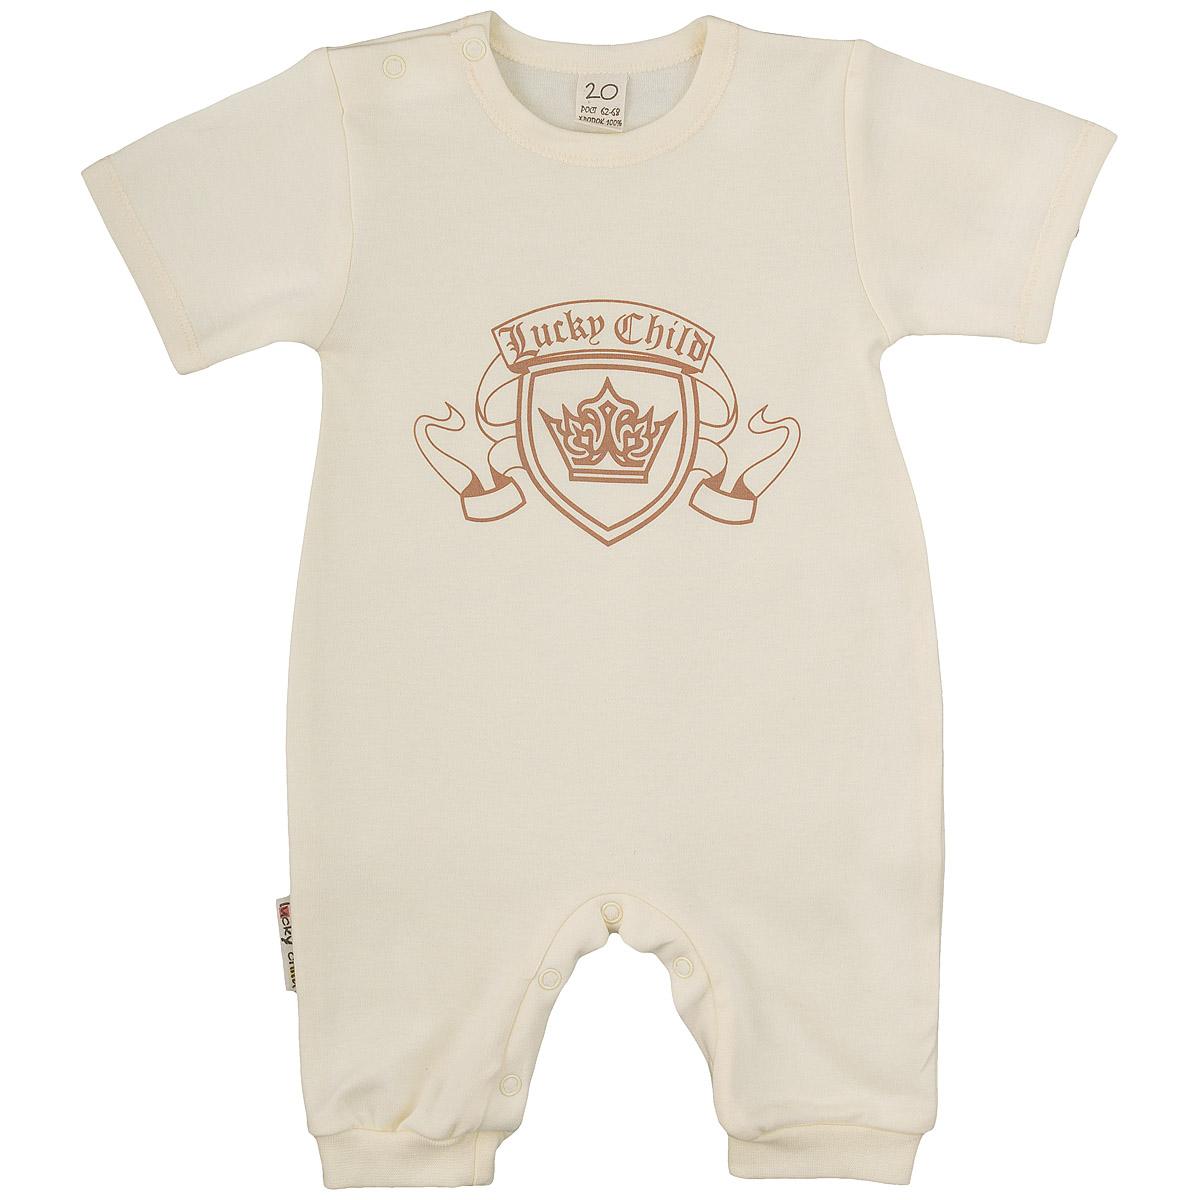 Песочник Lucky Child, цвет: экрю. 6-28. Размер 62/686-28Песочник для новорожденного Lucky Child с короткими рукавами послужит идеальным дополнением к гардеробу вашего малыша, обеспечивая ему наибольший комфорт. Изготовленный из интерлока - натурального хлопка, он необычайно мягкий и легкий, не раздражает нежную кожу ребенка и хорошо вентилируется, а эластичные швы приятны телу малыша и не препятствуют его движениям. Удобные застежки-кнопки по плечу и на ластовице помогают легко переодеть младенца или сменить подгузник. На груди модель оформлена оригинальным притом в виде логотипа бренда. Песочник полностью соответствует особенностям жизни ребенка в ранний период, не стесняя и не ограничивая его в движениях. В нем ваш малыш всегда будет в центре внимания.